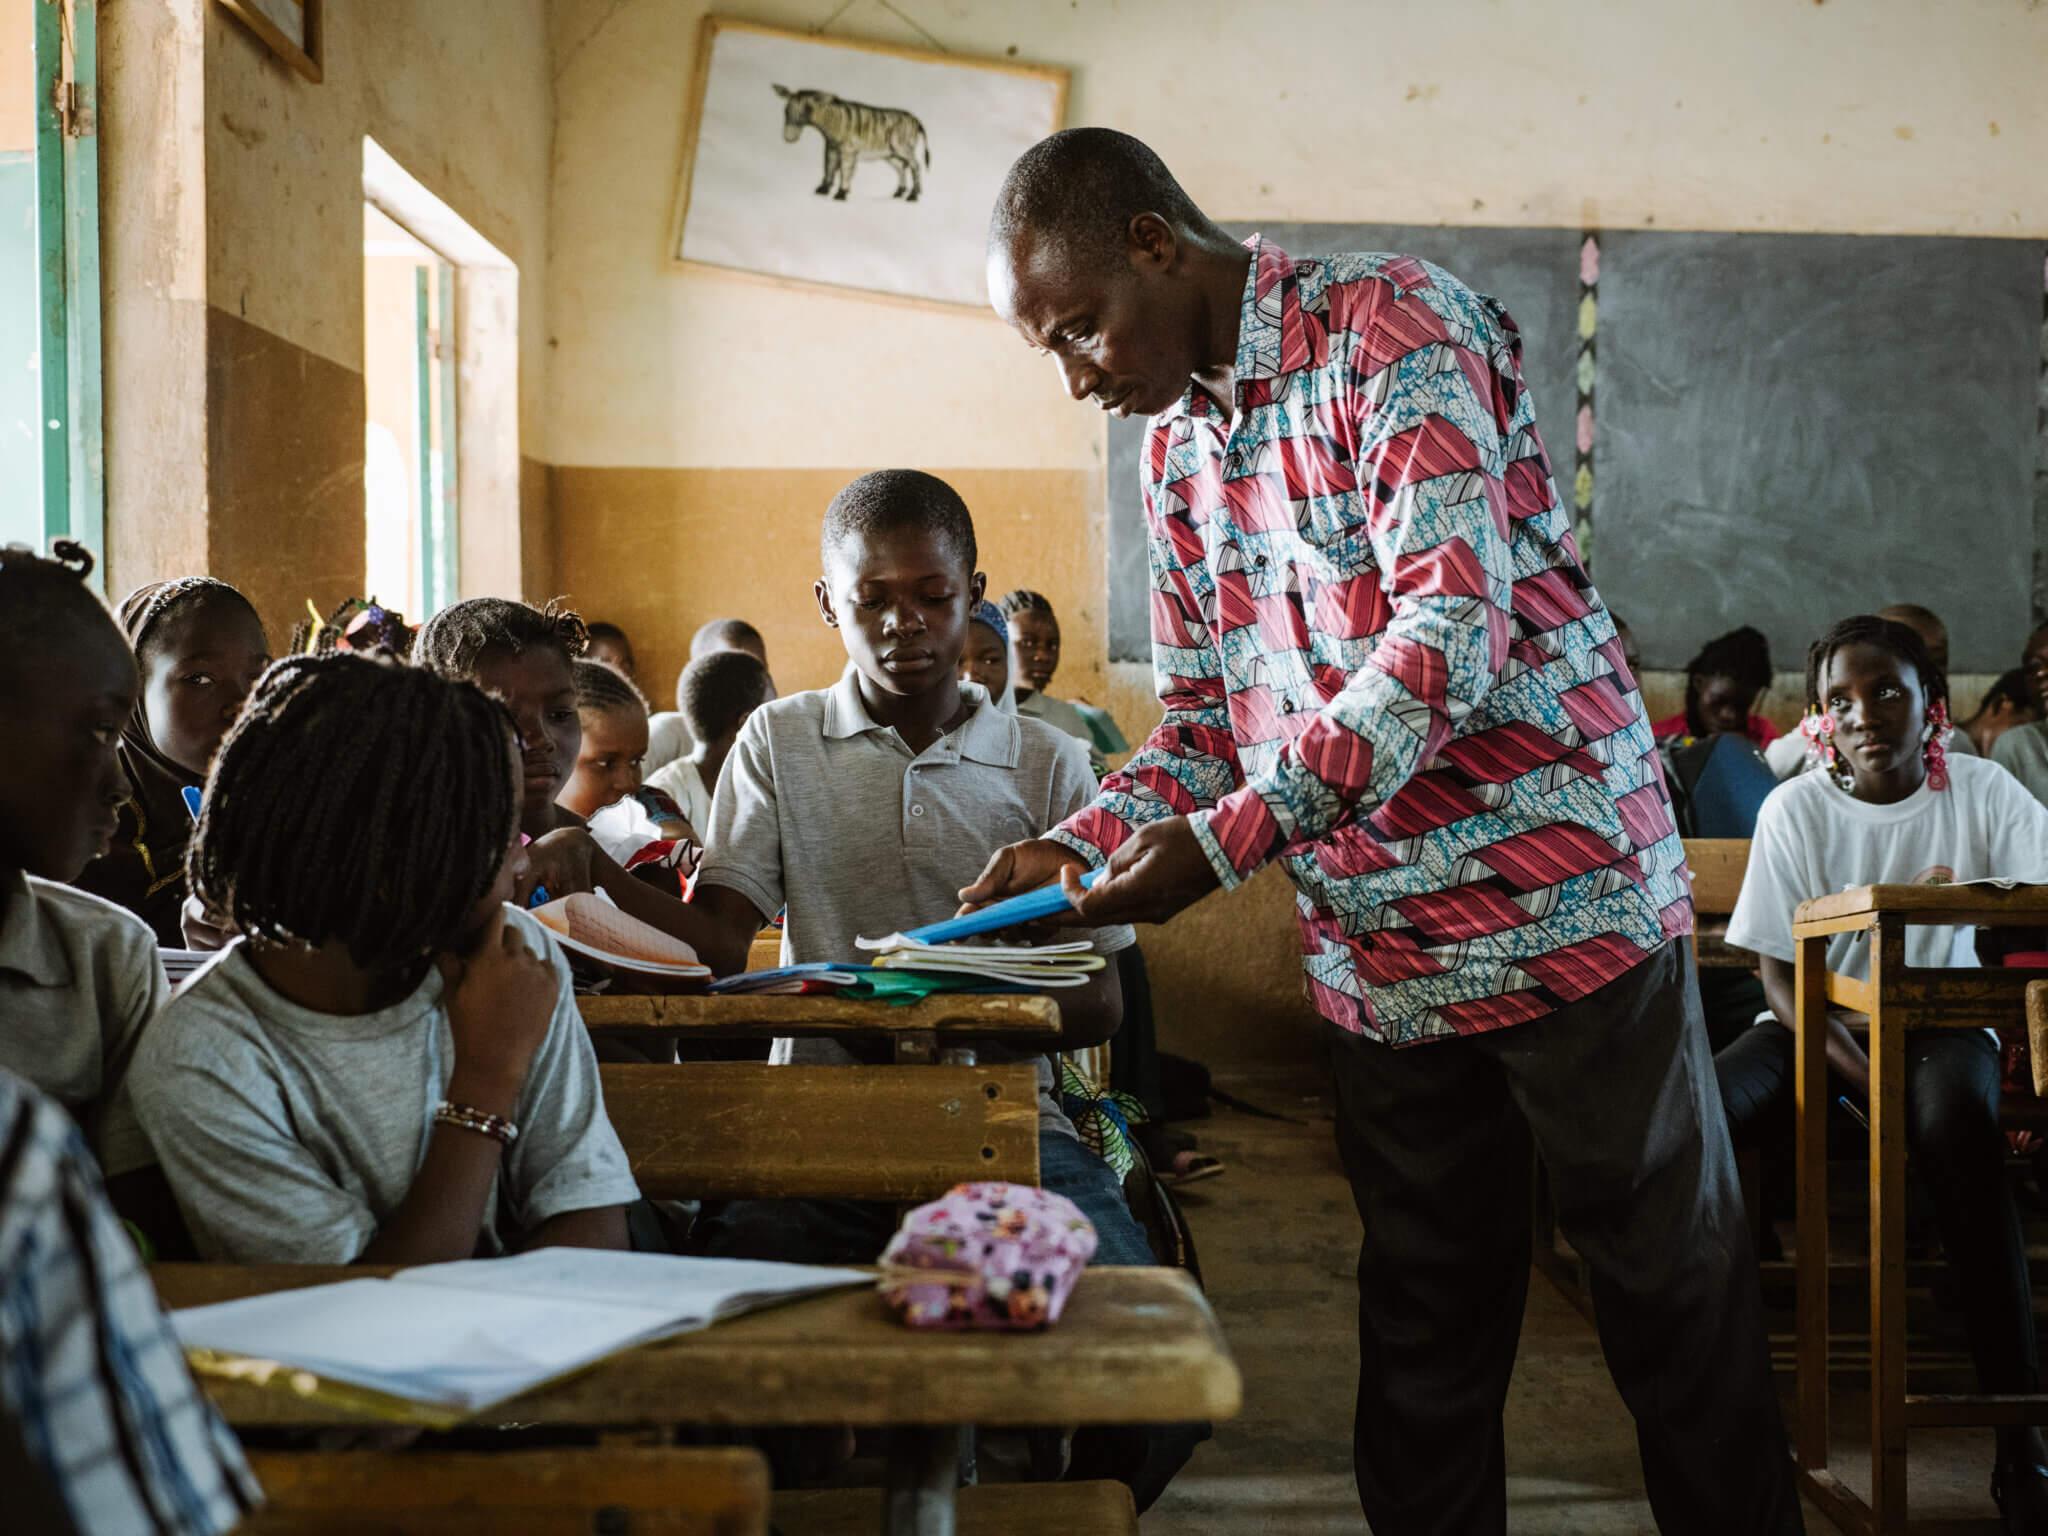 Ein Lehrer in einem bunten Hemd gibt einem Jungen sein Heft im Klassenzimmer zurück.